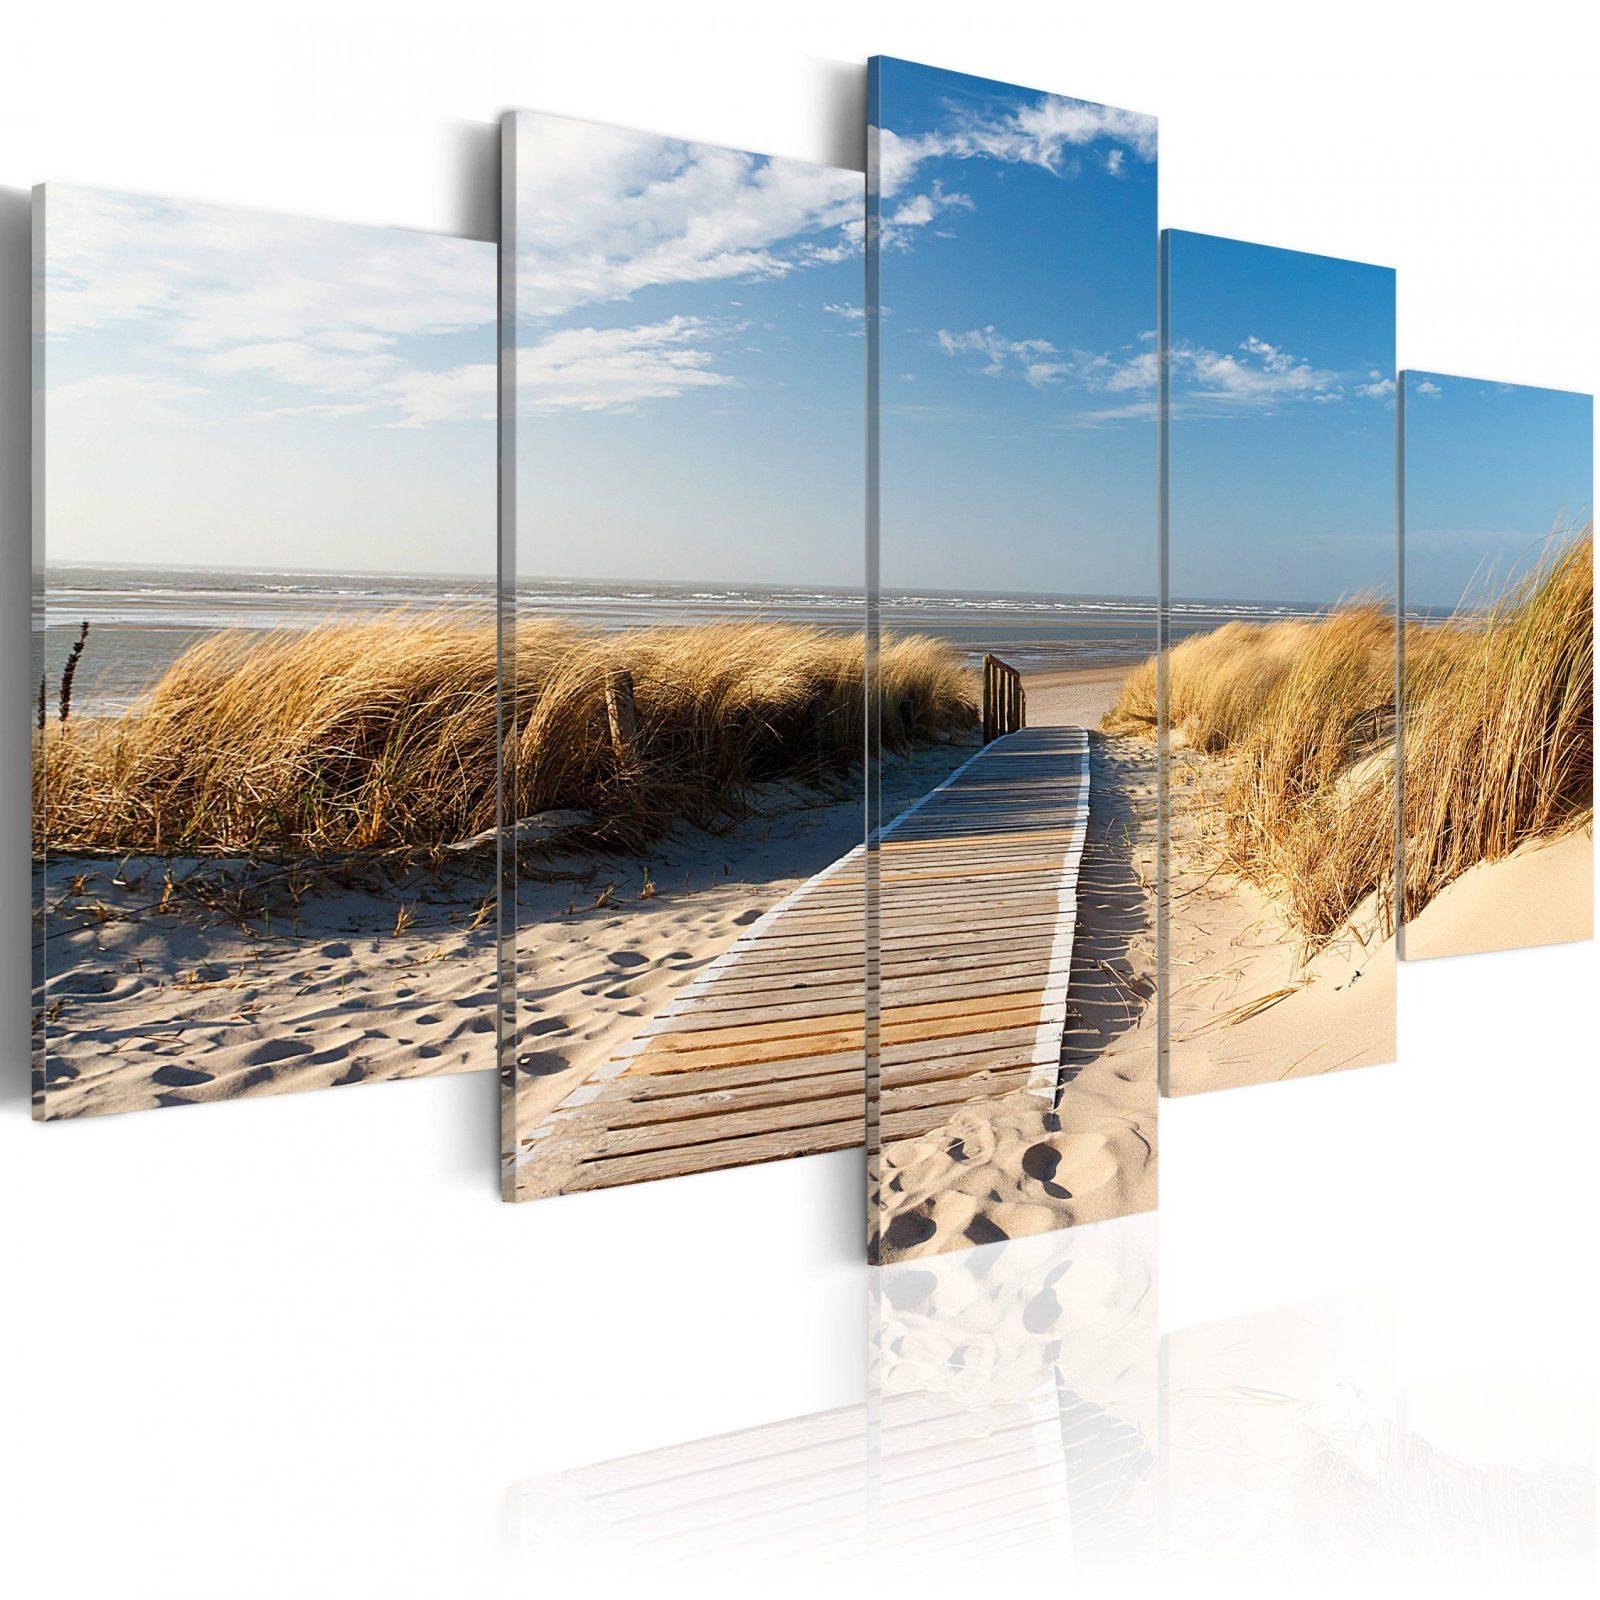 Leinwandbilder Günstig Online Kaufen  Real von Bild Auf Leinwand Drucken Lassen Günstig Bild